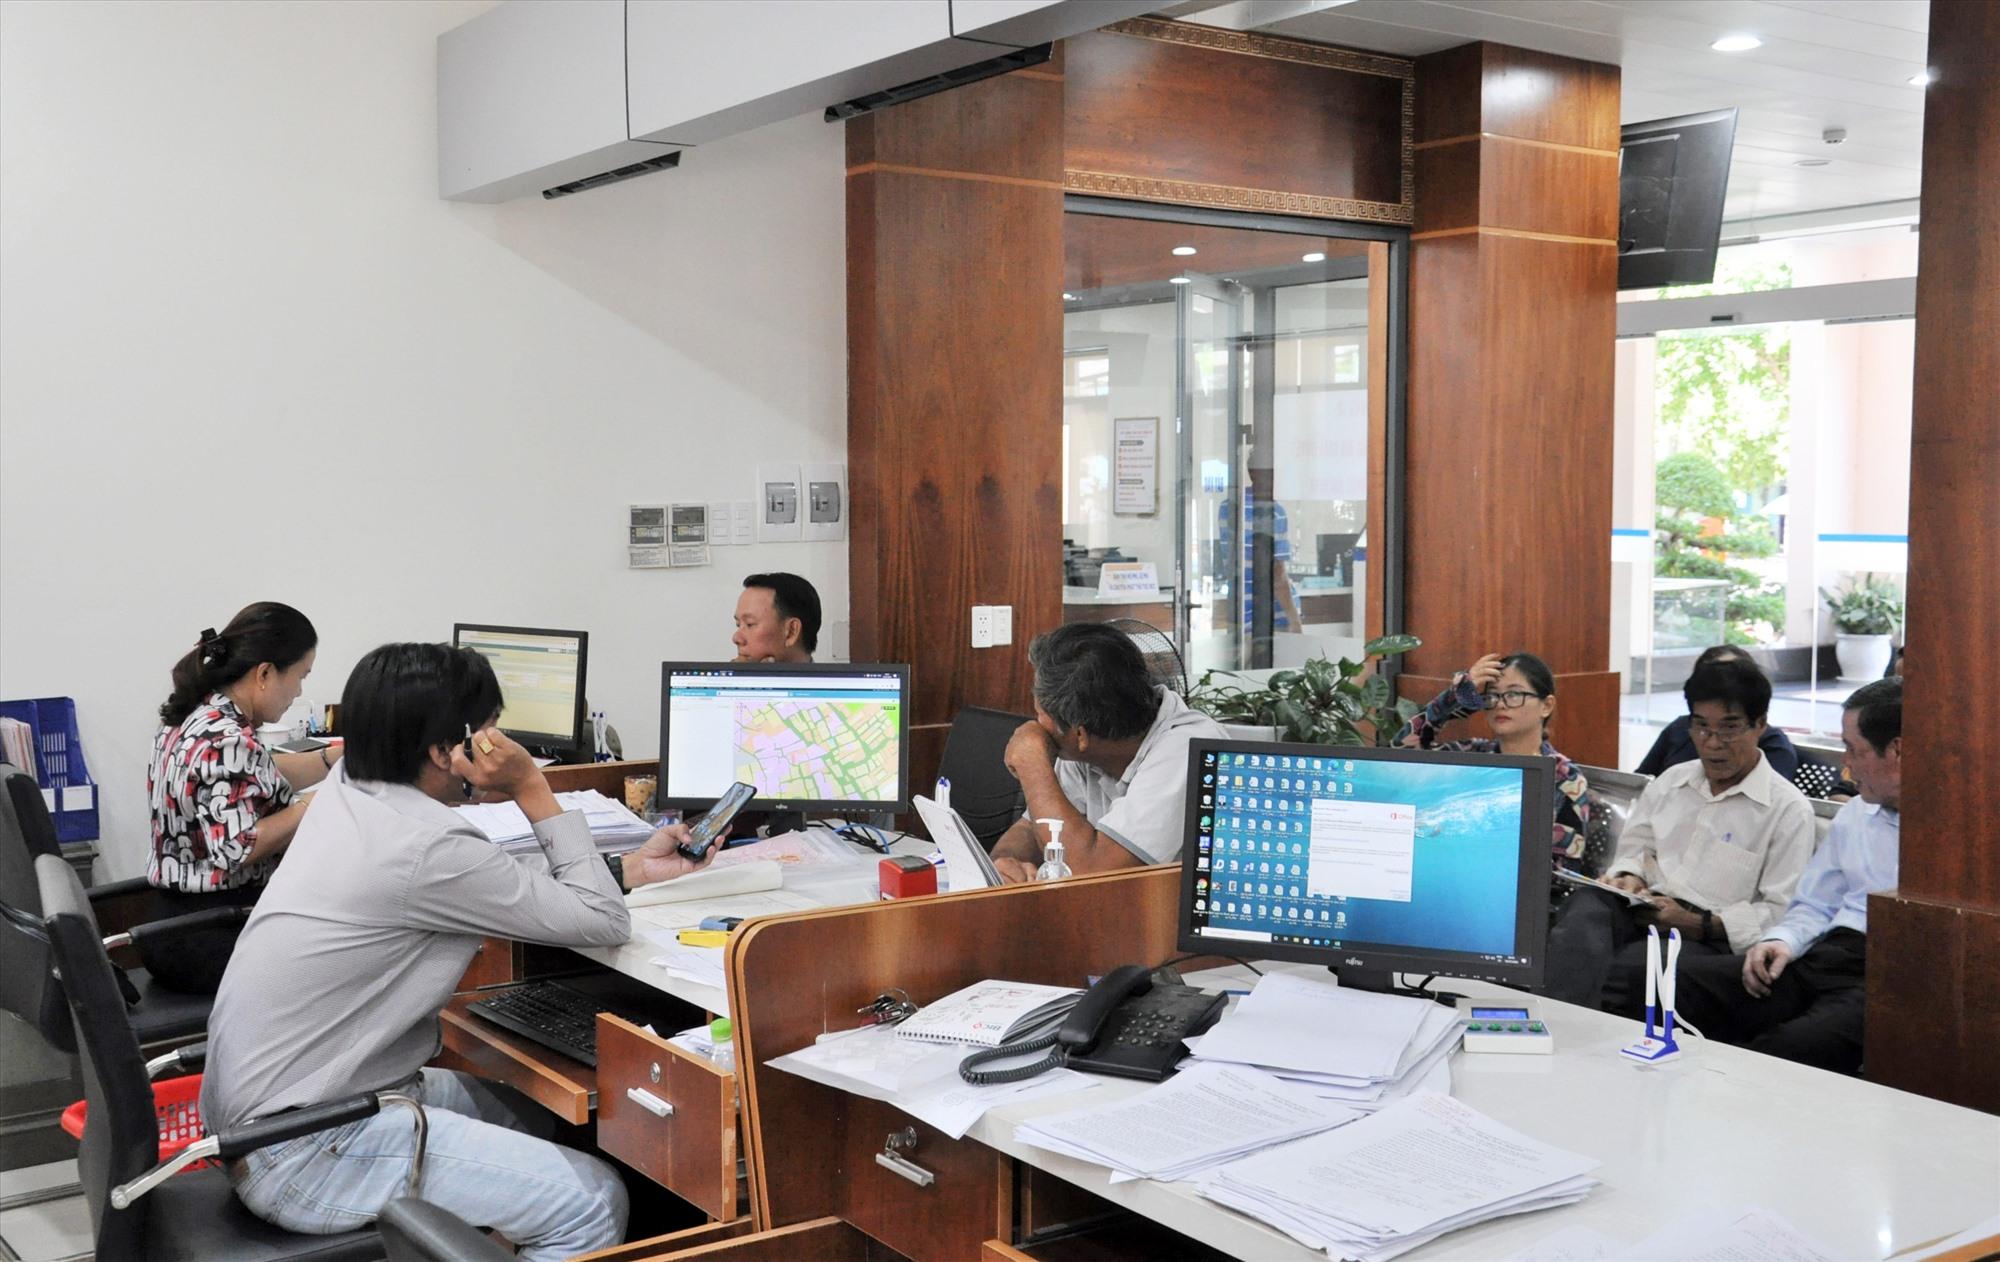 Thực hiện các thủ tục hành chính tại Trung tâm Hành chính công thành phố. Ảnh: X.P